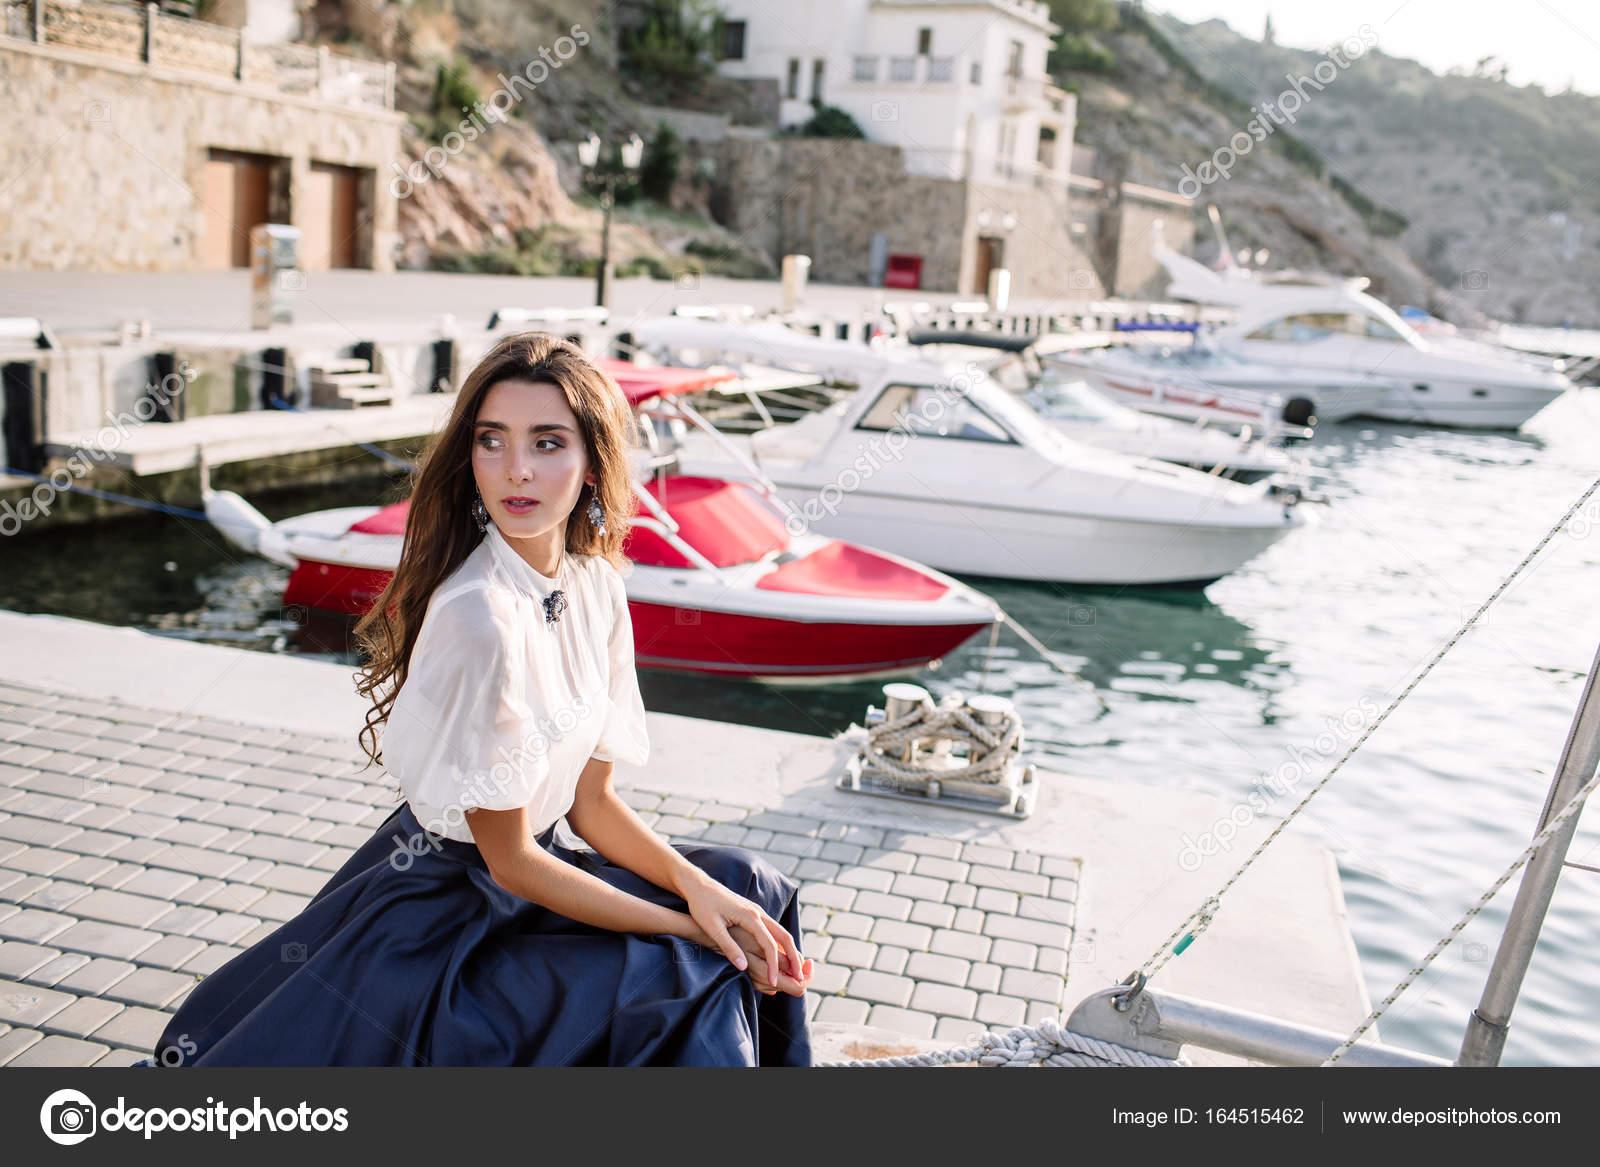 Влагалищу порно фото пристает к девушке на яхте девки очко форум